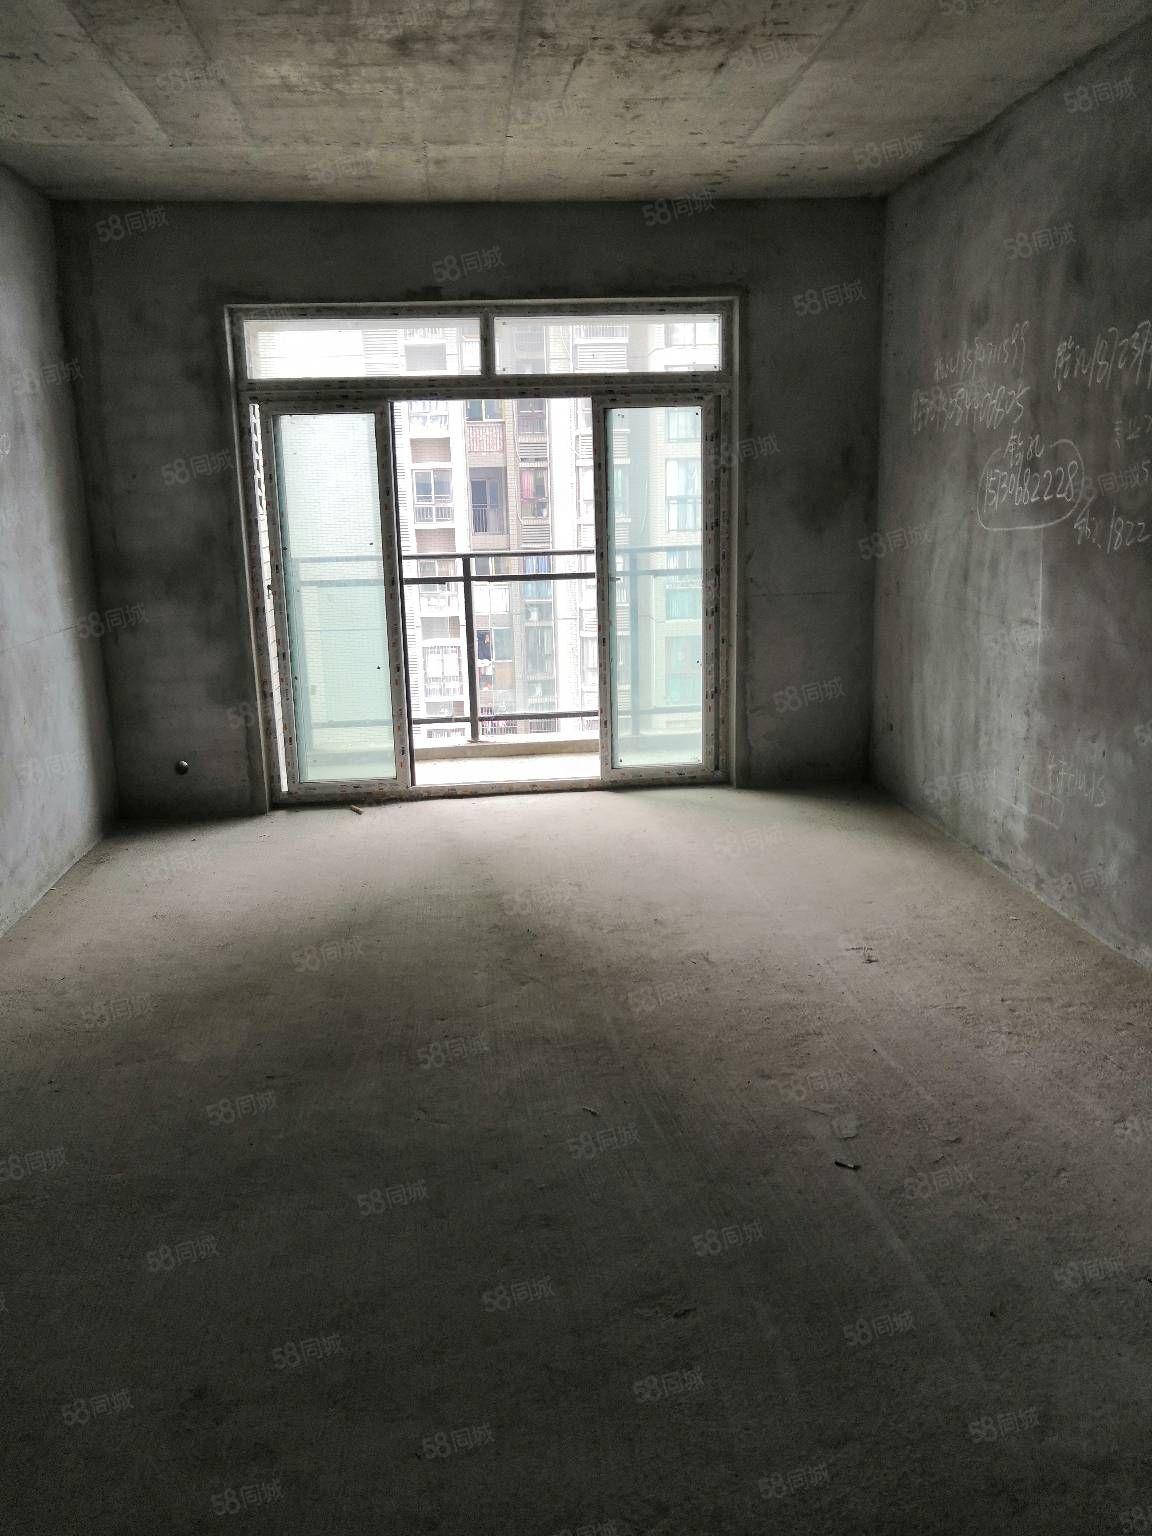 迎宾大厦大户型急卖!!三室两厅两卫一厨一阳台118平米